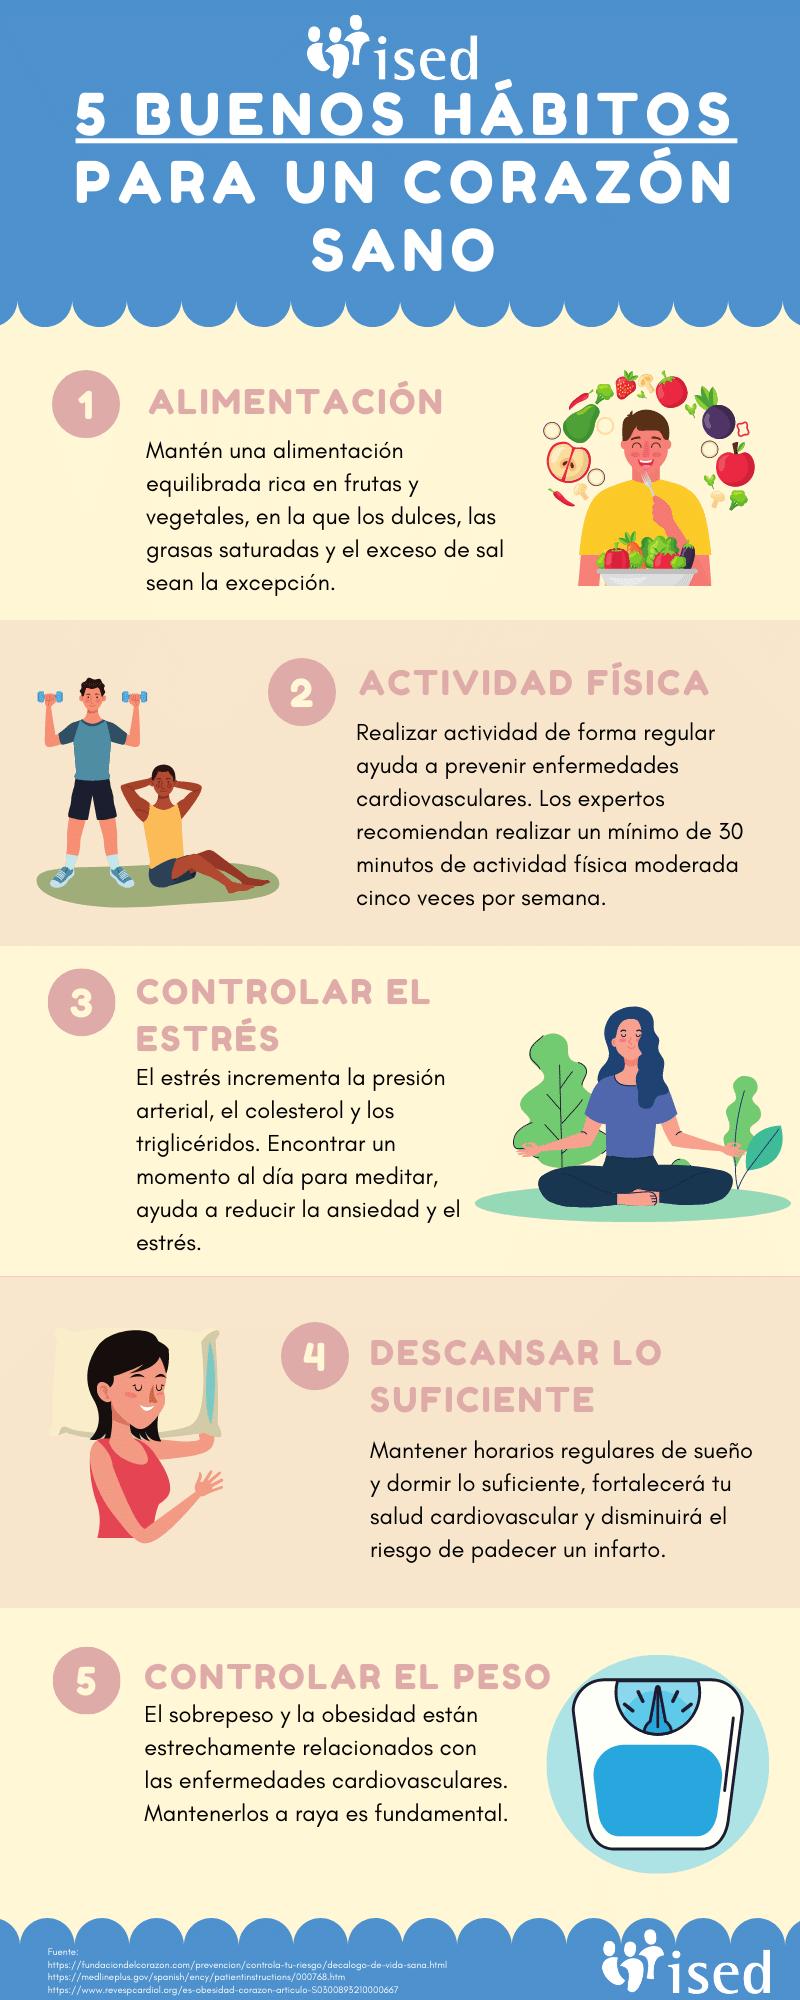 5 Buenos Hábitos Para un Corazón Sano